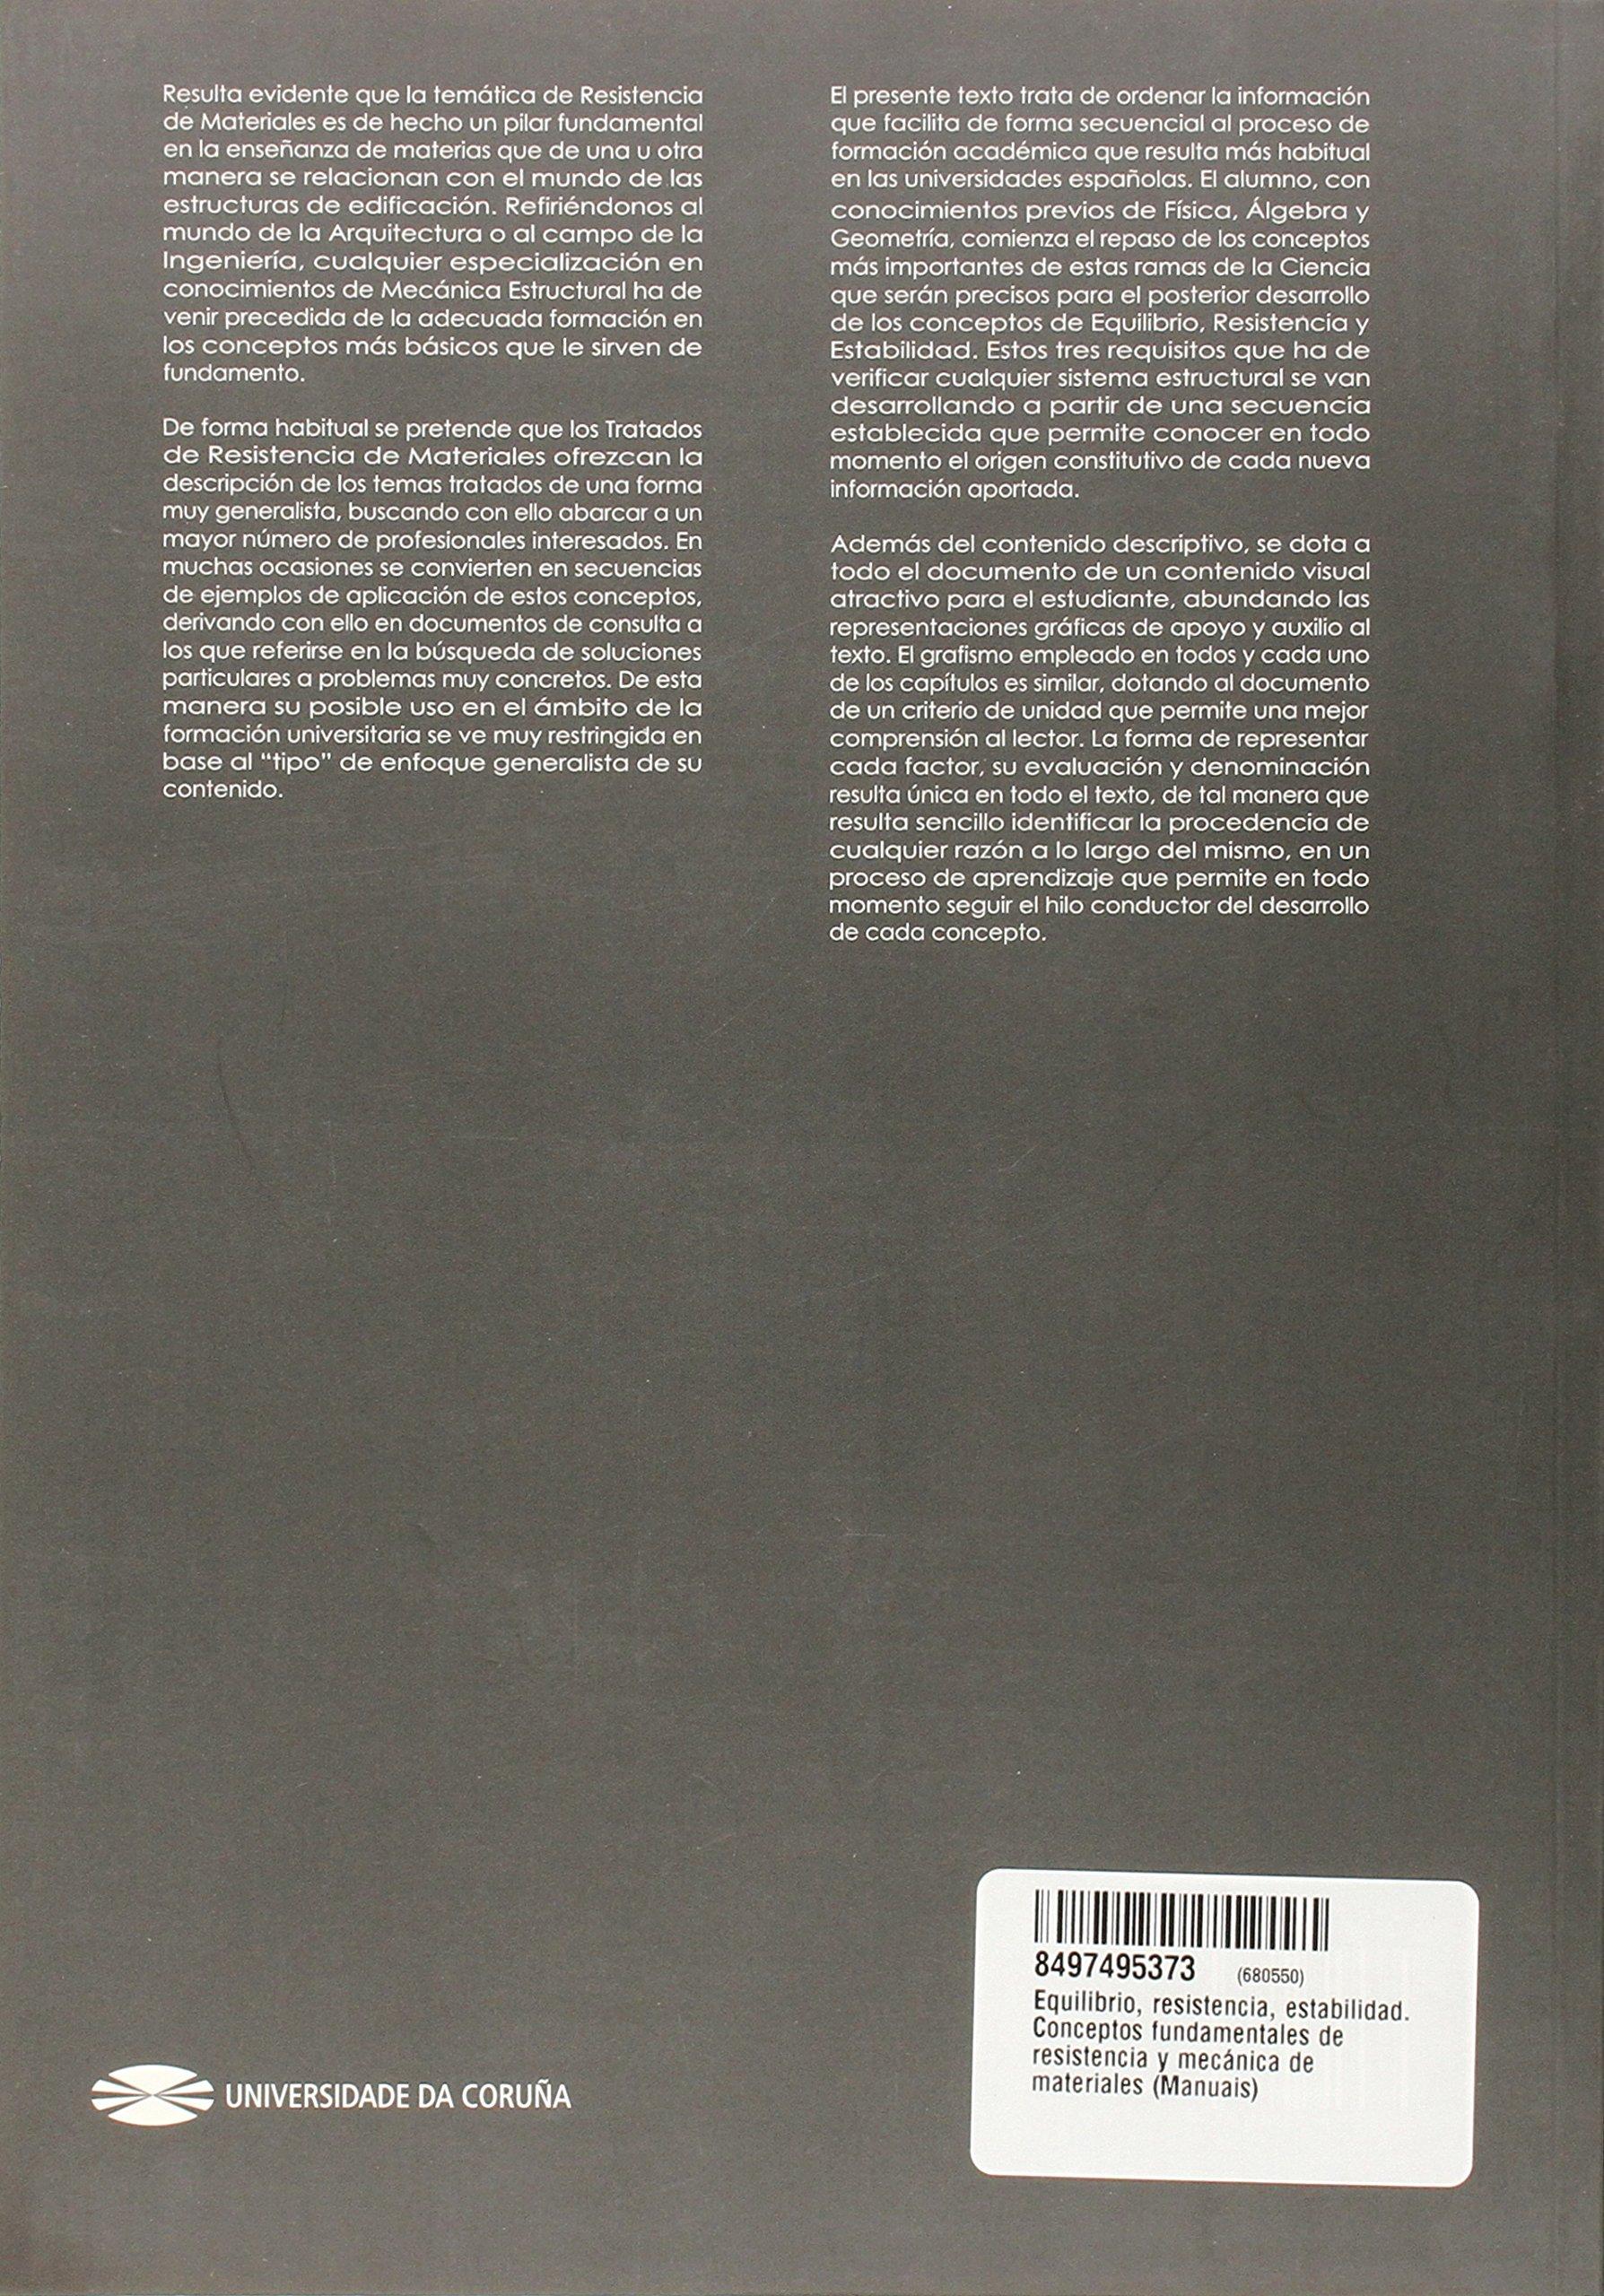 Equilibrio, resistencia, estabilidad. Conceptos fundamentales de resistencia y mecánica de materiales Manuais: Amazon.es: Félix Leandro Suárez Riestra: ...